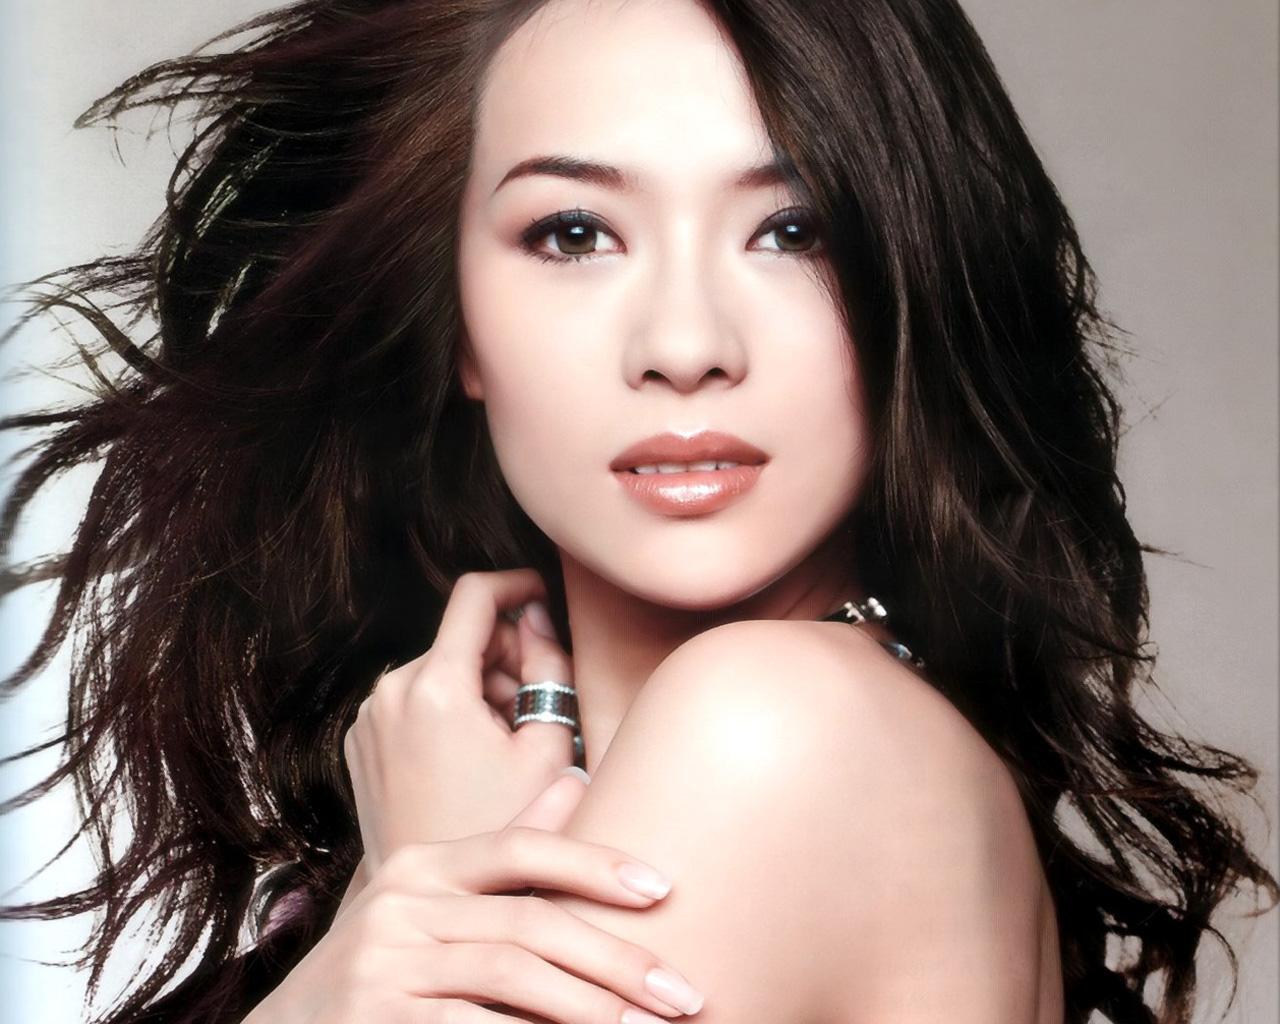 http://2.bp.blogspot.com/-9zySJk3Ocpk/T2CFBJPgVyI/AAAAAAAABfc/gFUQoW0ajBY/s1600/Zhang+Ziyi+20.jpg